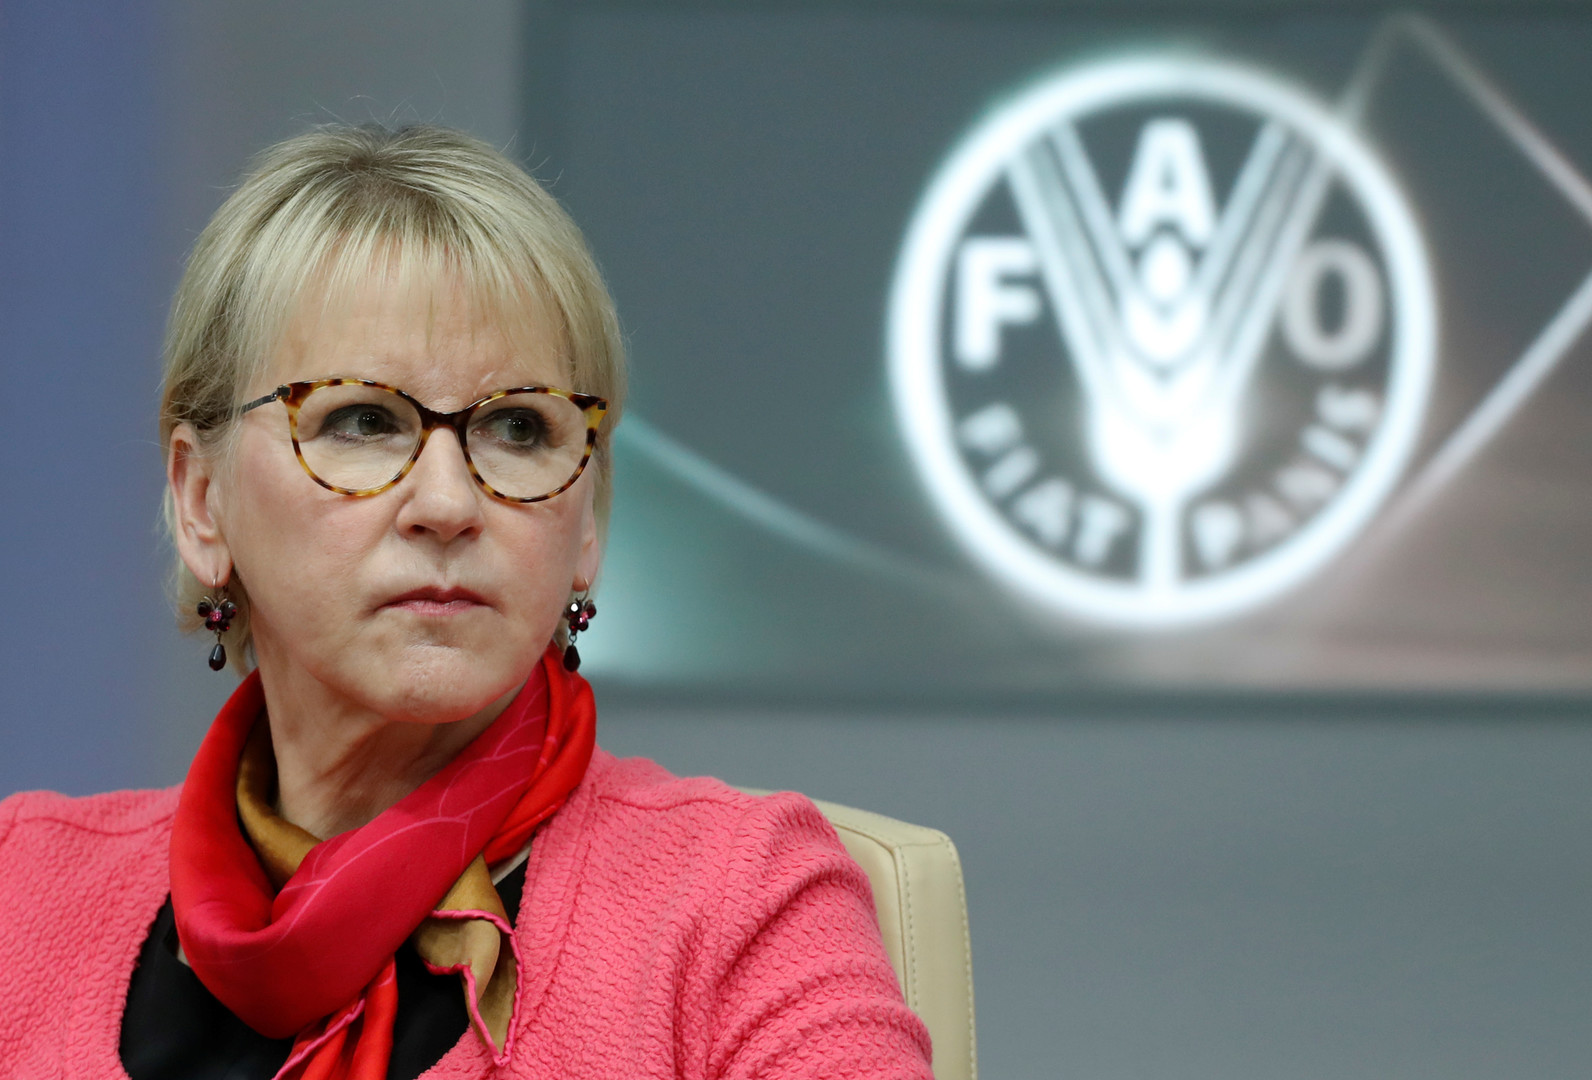 السويد ترفض توقيع معاهدة الأمم المتحدة لحظر الأسلحة النووية